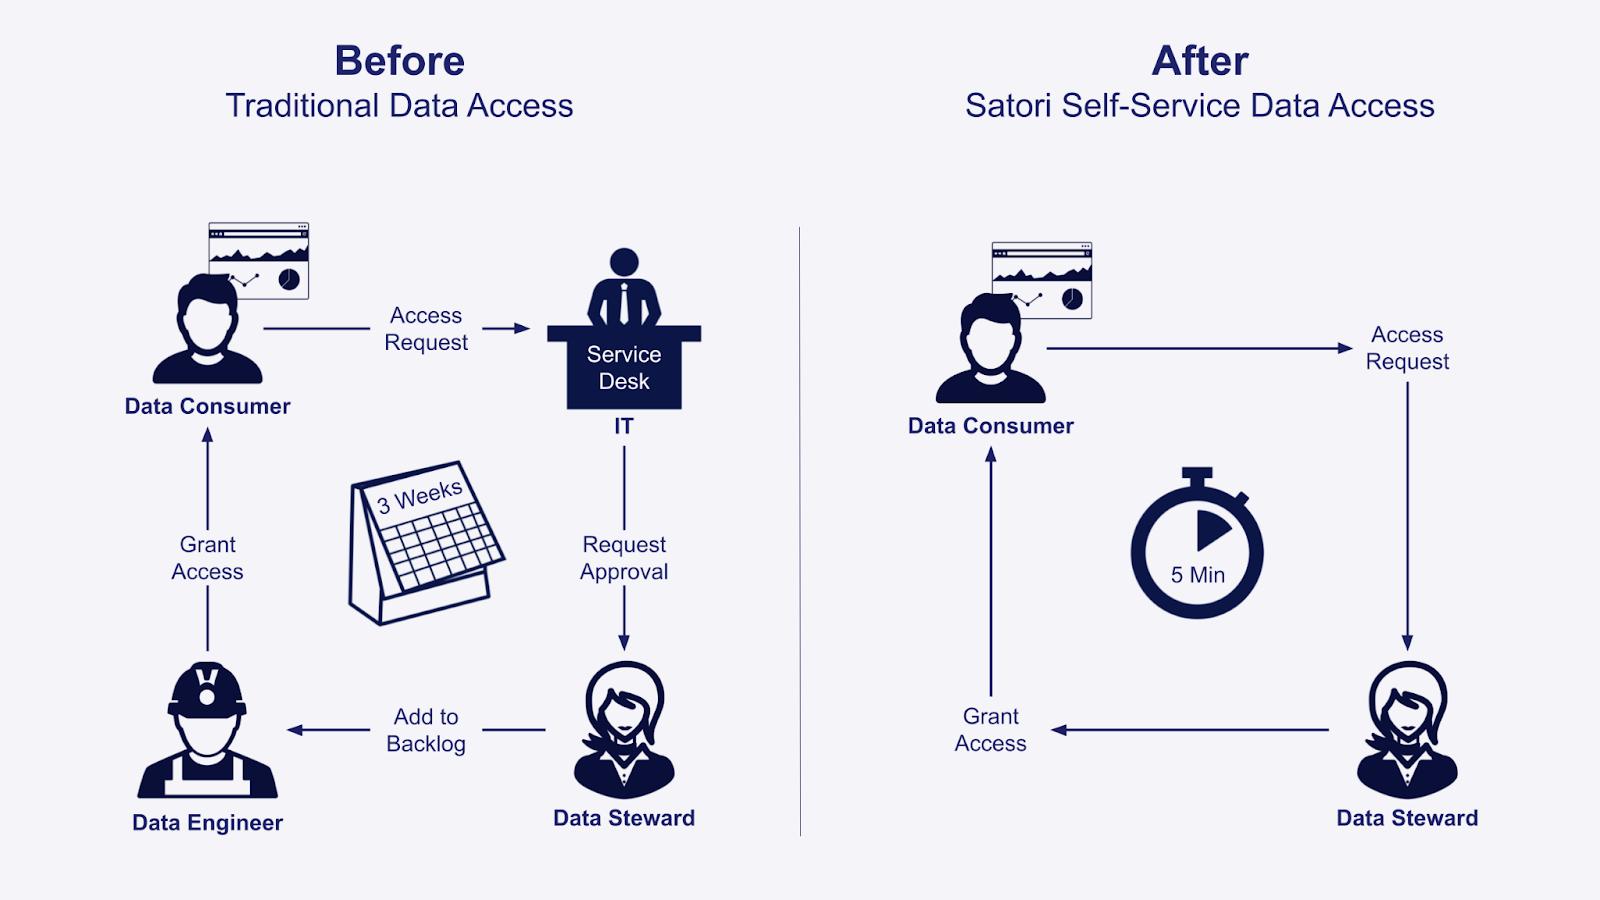 Satori Is Launching Self-Service Data Access